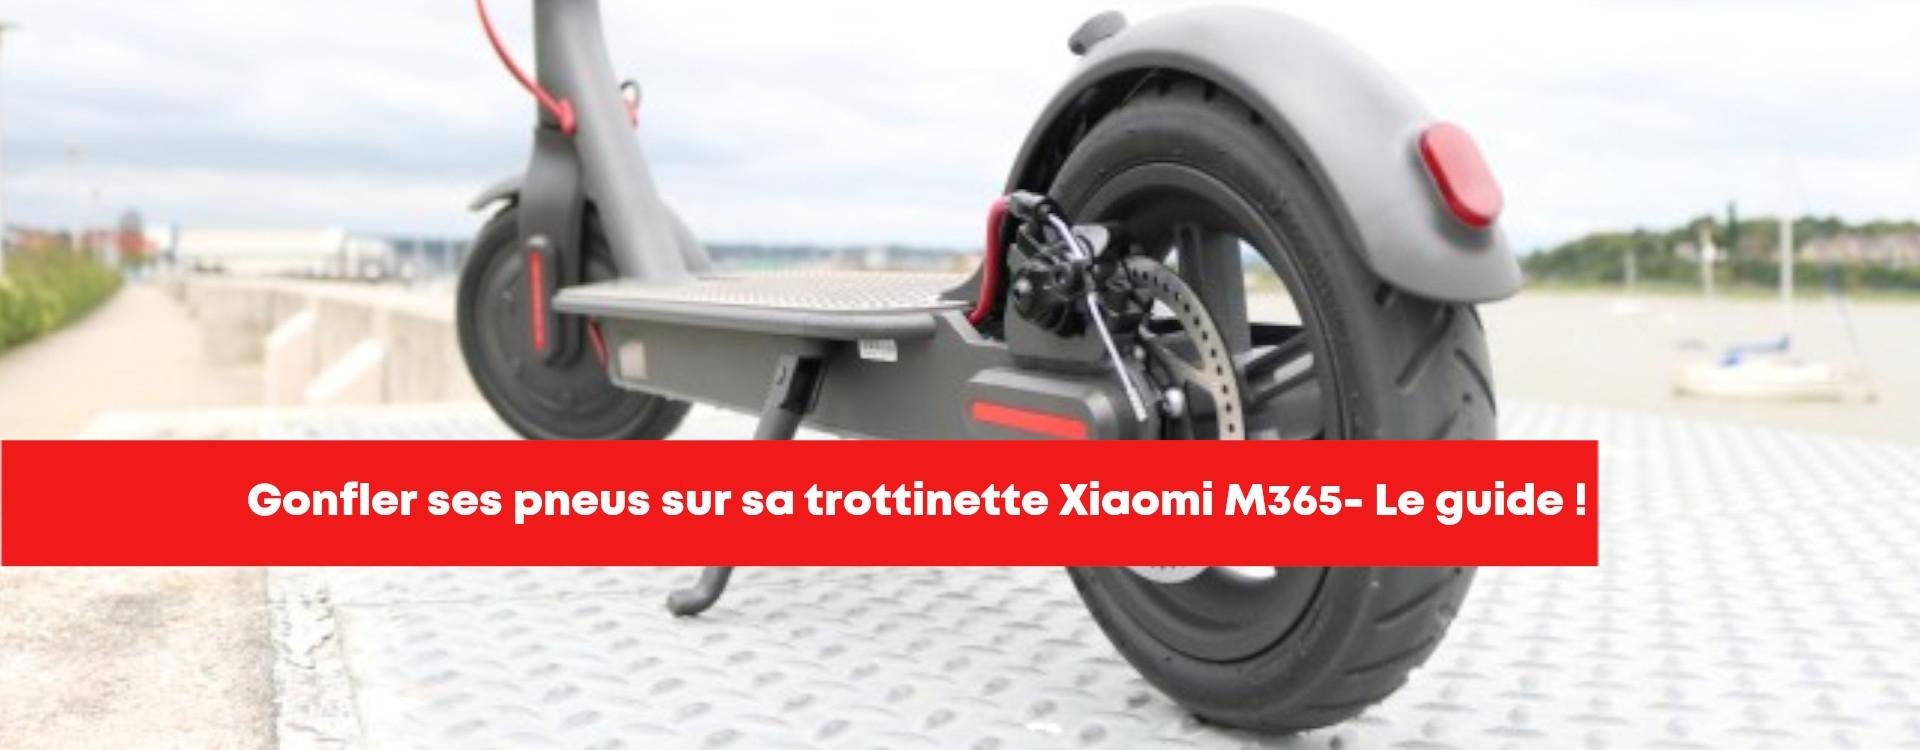 Gonflage des pneus Xiaomi M365 - Notre guide.